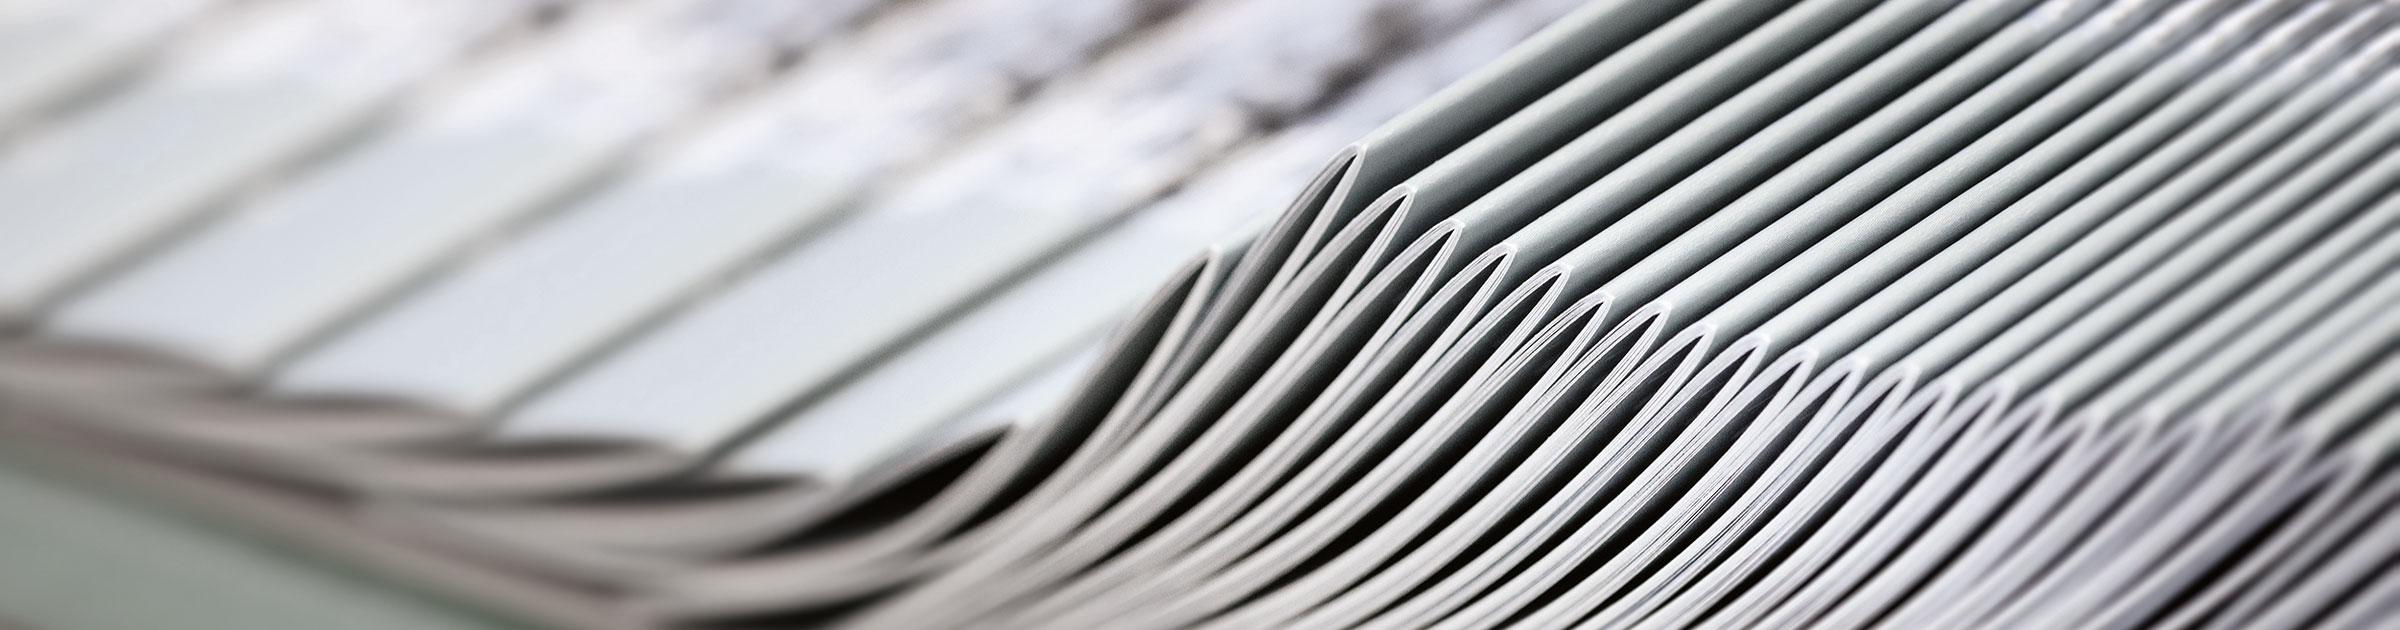 Rückstichgeheftete Broschüren auf dem Sammelhefter